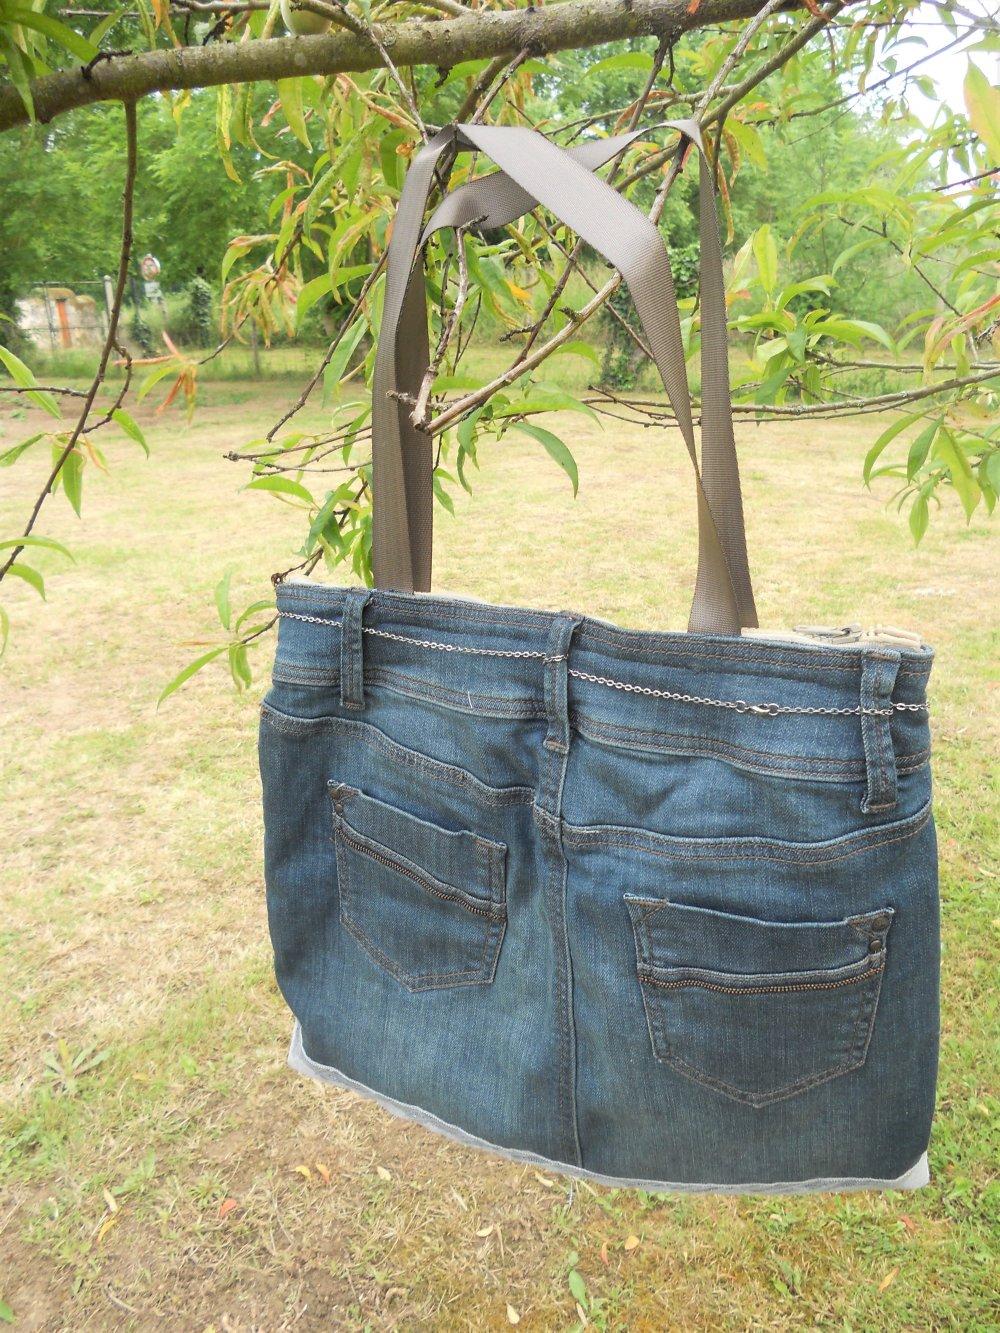 Sac Daisy en jean recyclé